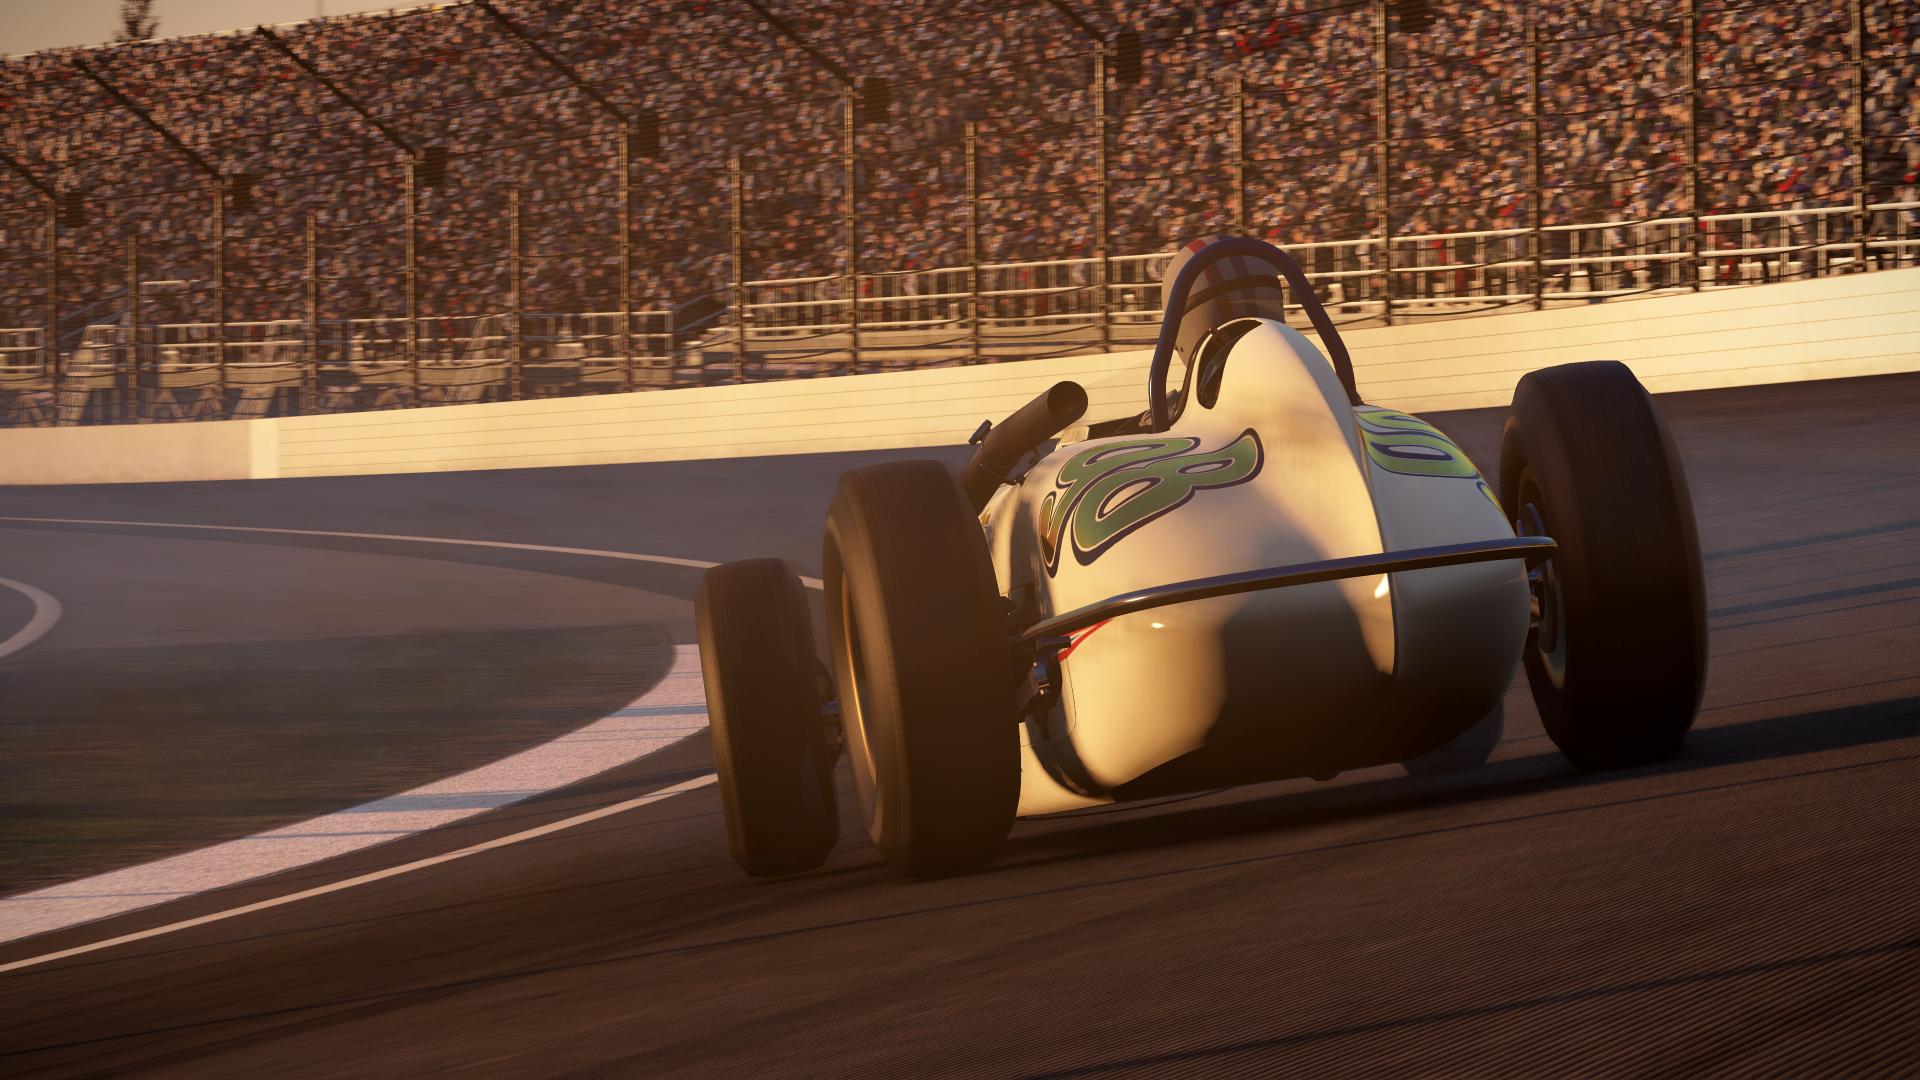 电子游戏 - 赛车计划2  汽车 Agajanian Watson Roadster 壁纸